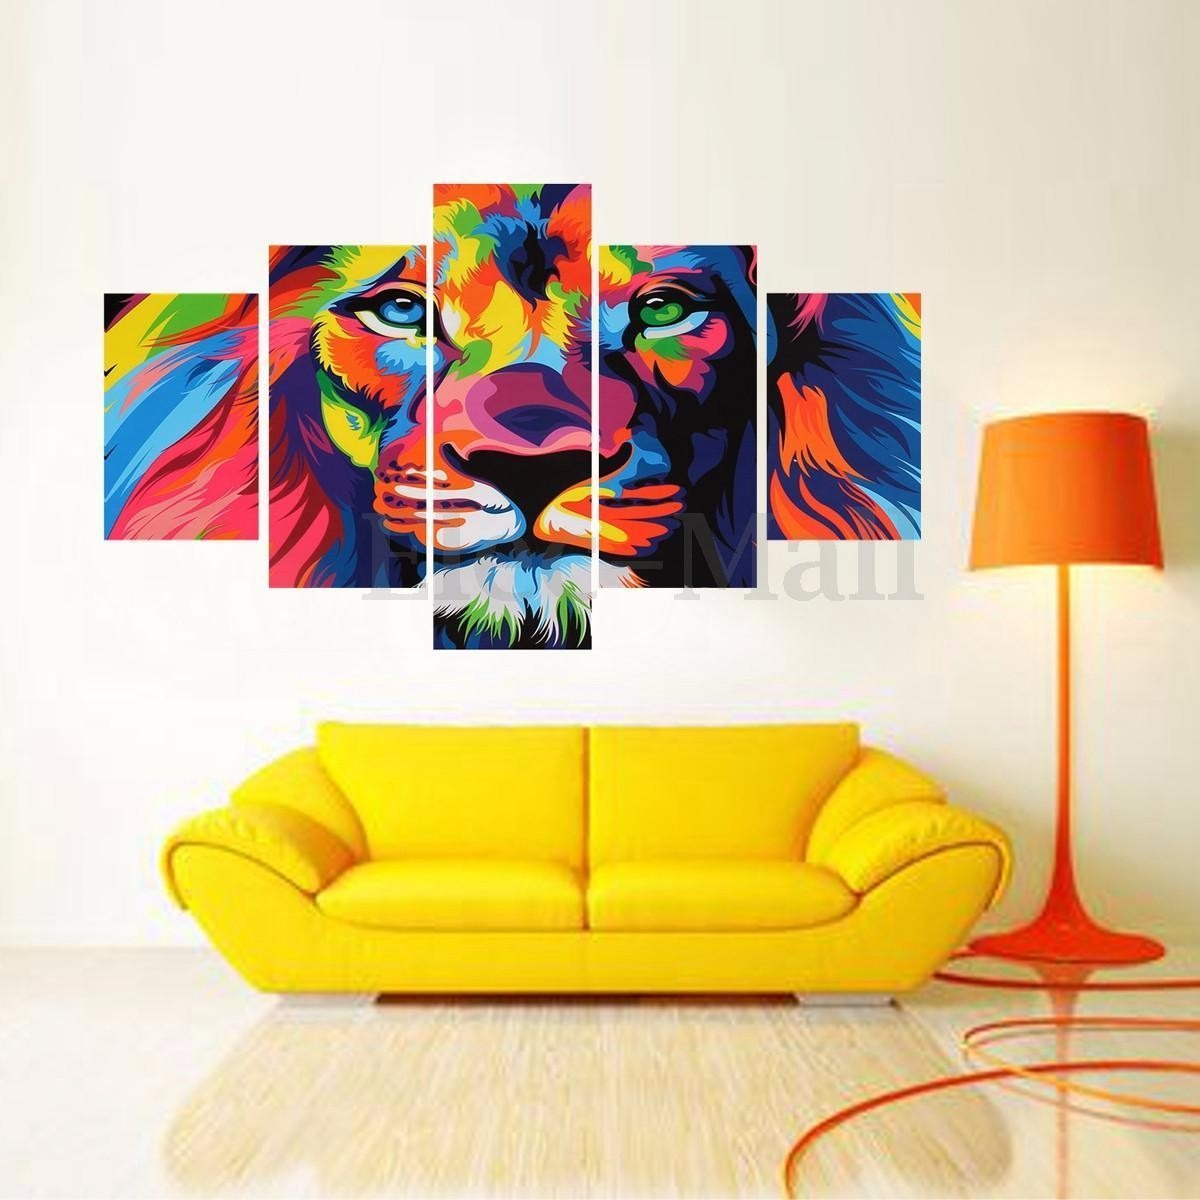 Quadro decora o sala de estar le o felino colorido r for Sala de estar quadro